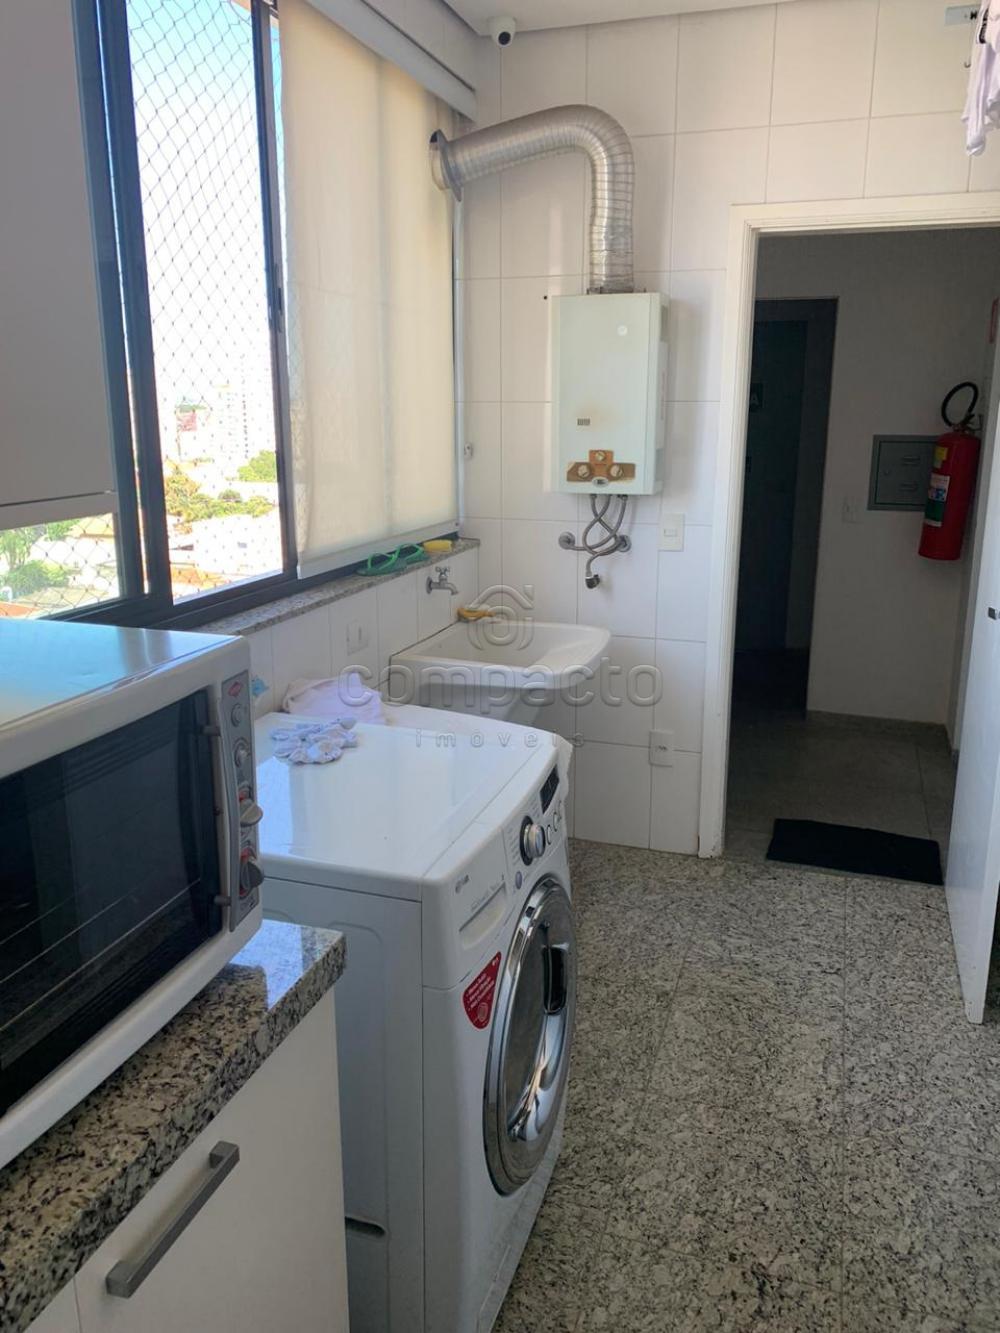 Comprar Apartamento / Padrão em São José do Rio Preto apenas R$ 899.000,00 - Foto 5